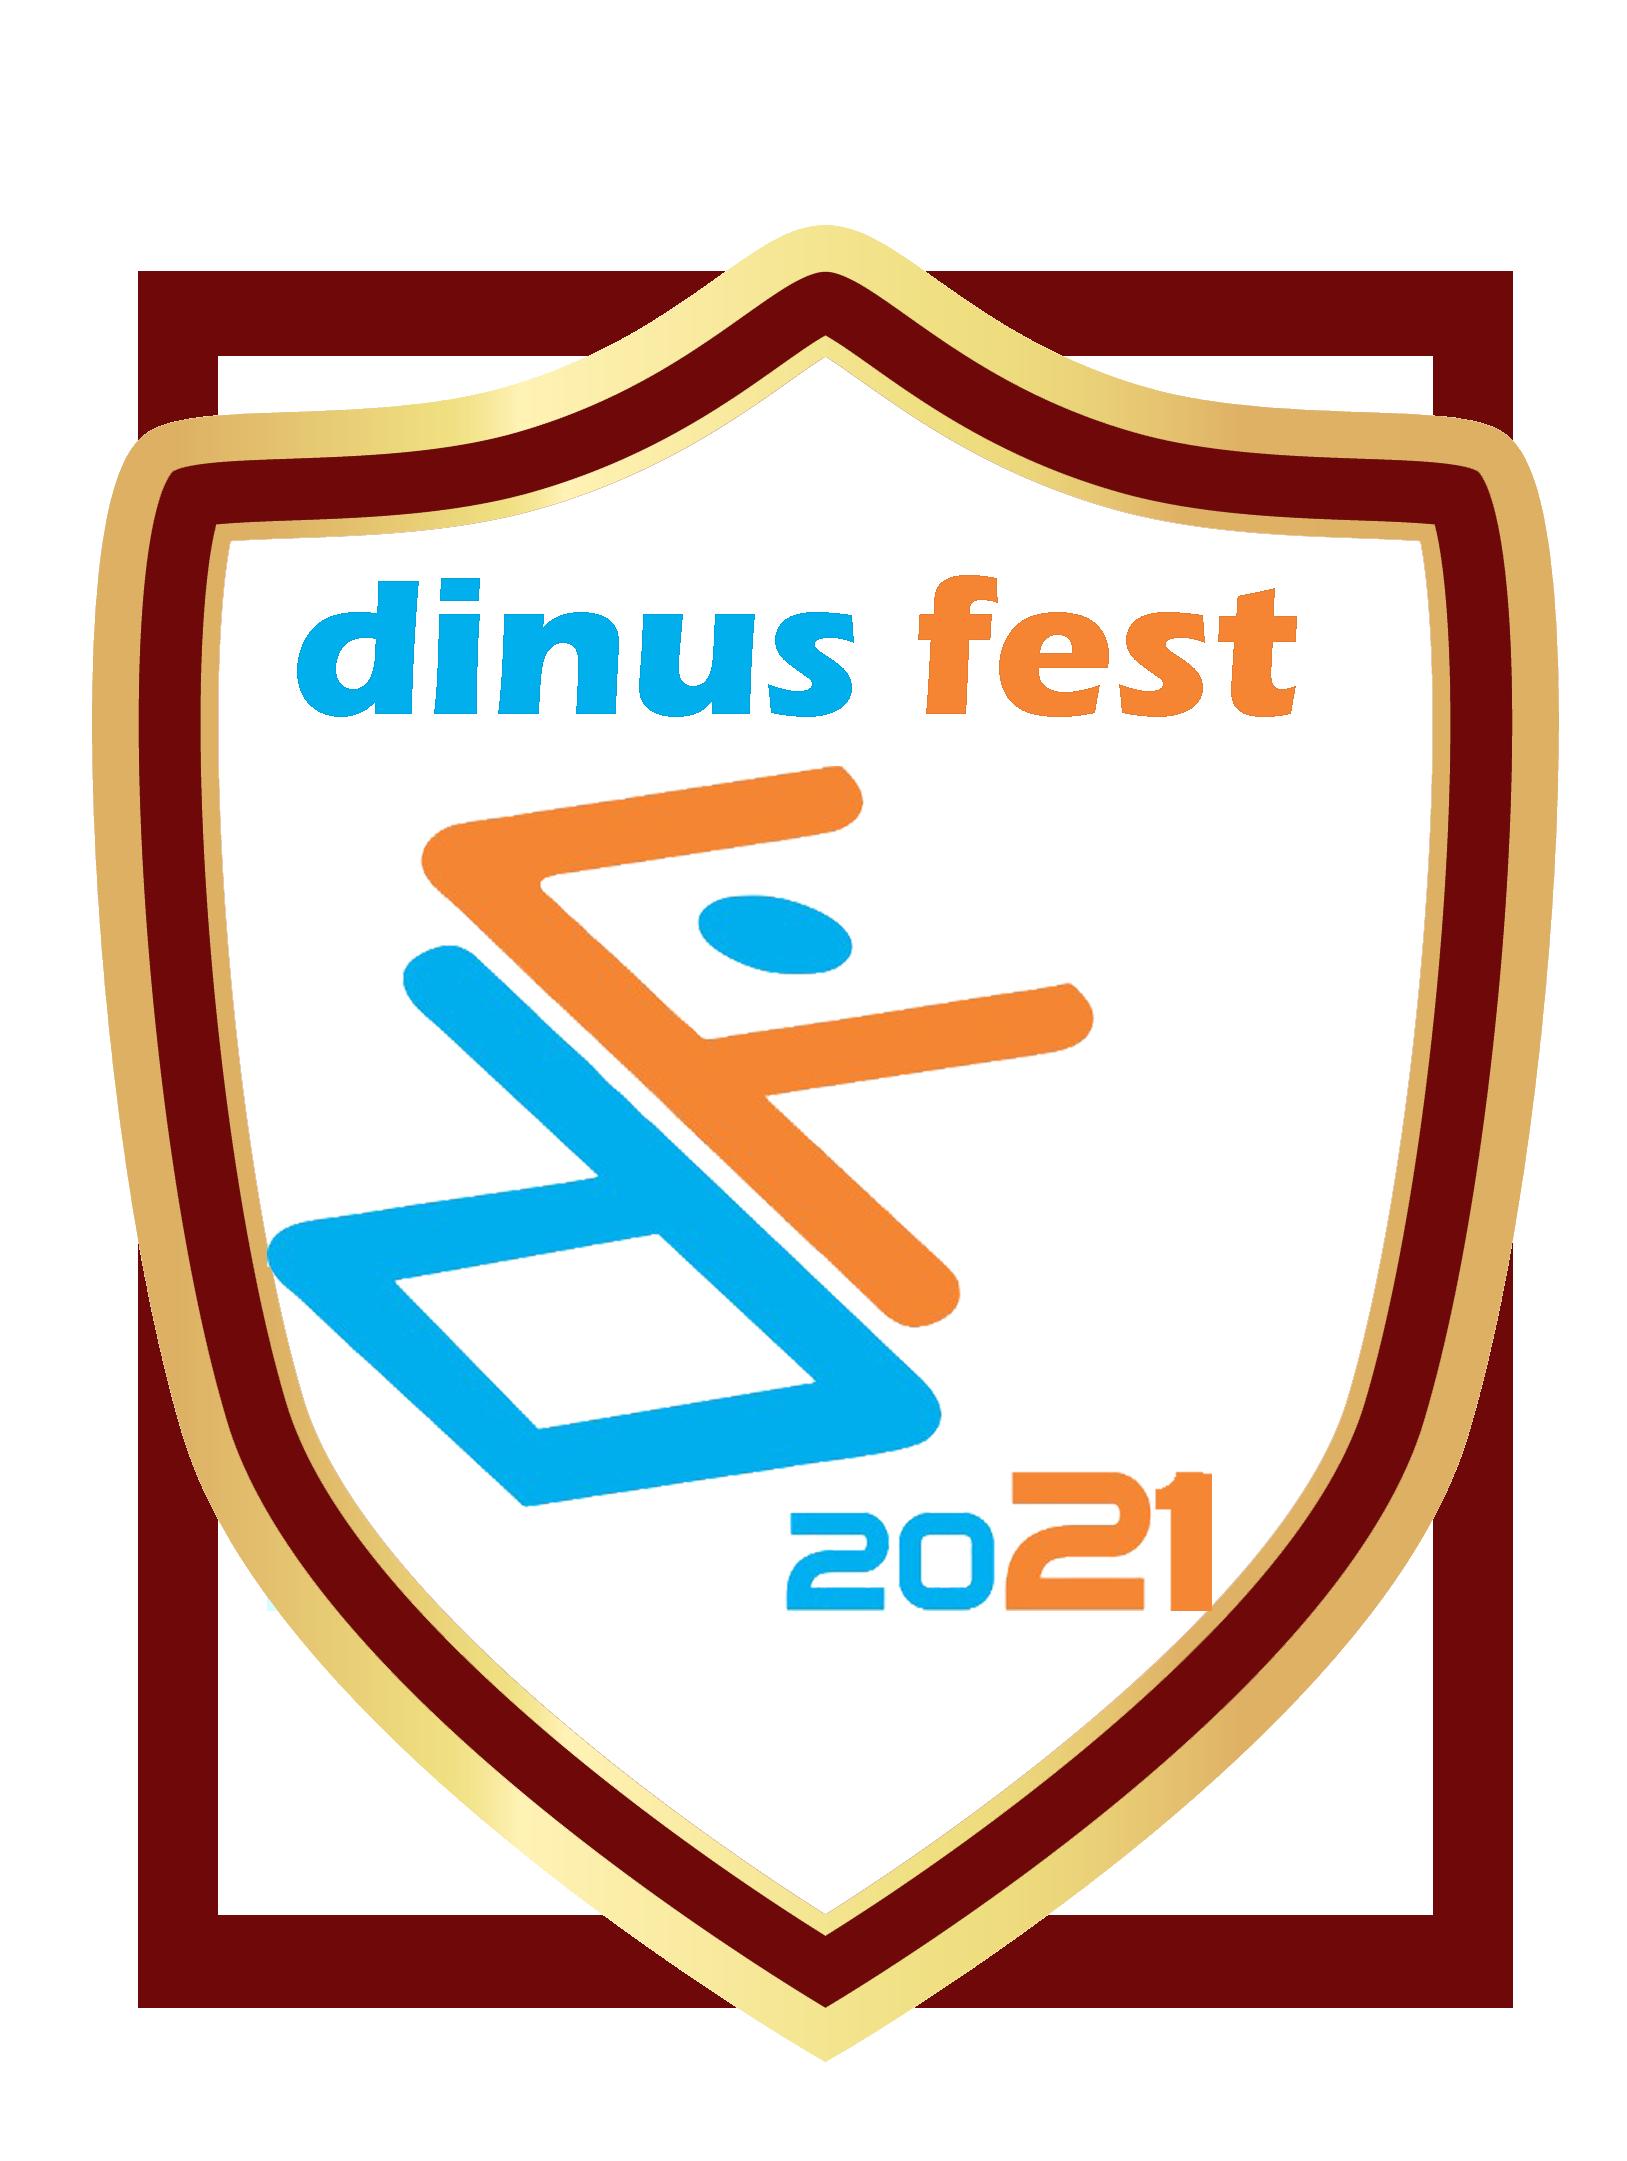 DinusFest 2021